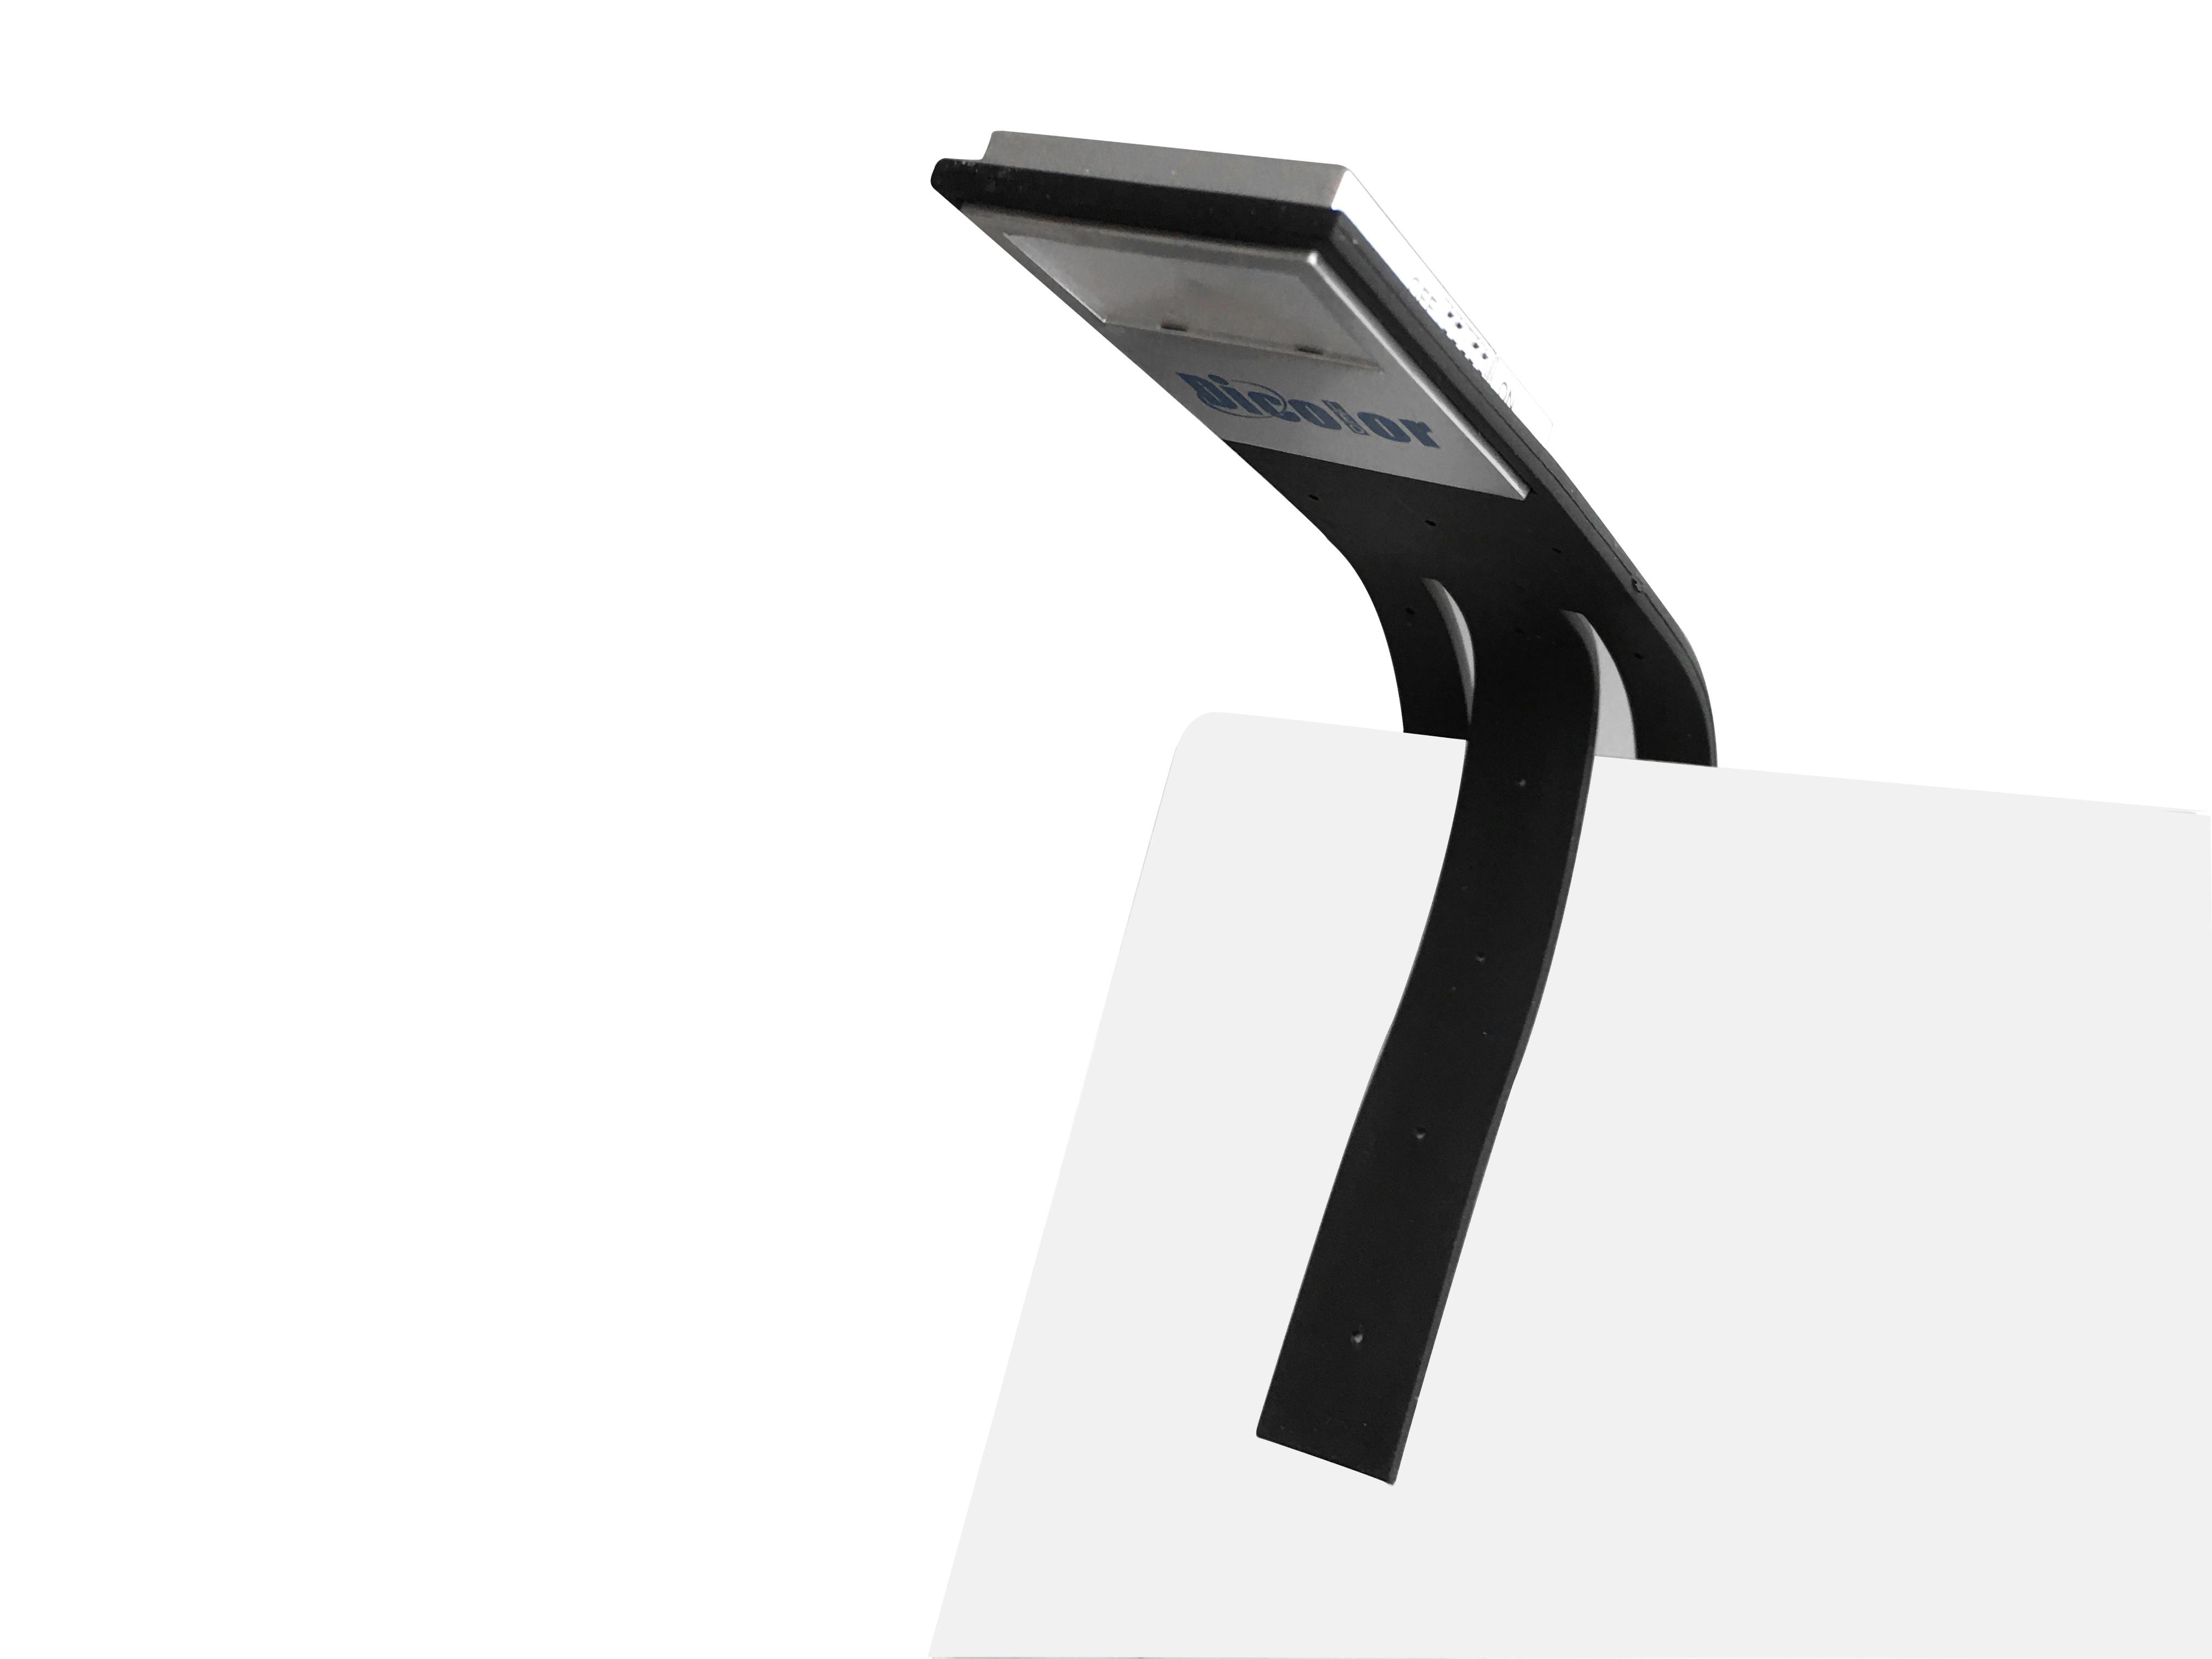 LED節能看書燈 折疊書燈 書夾燈 百變書簽燈 閱讀燈_3